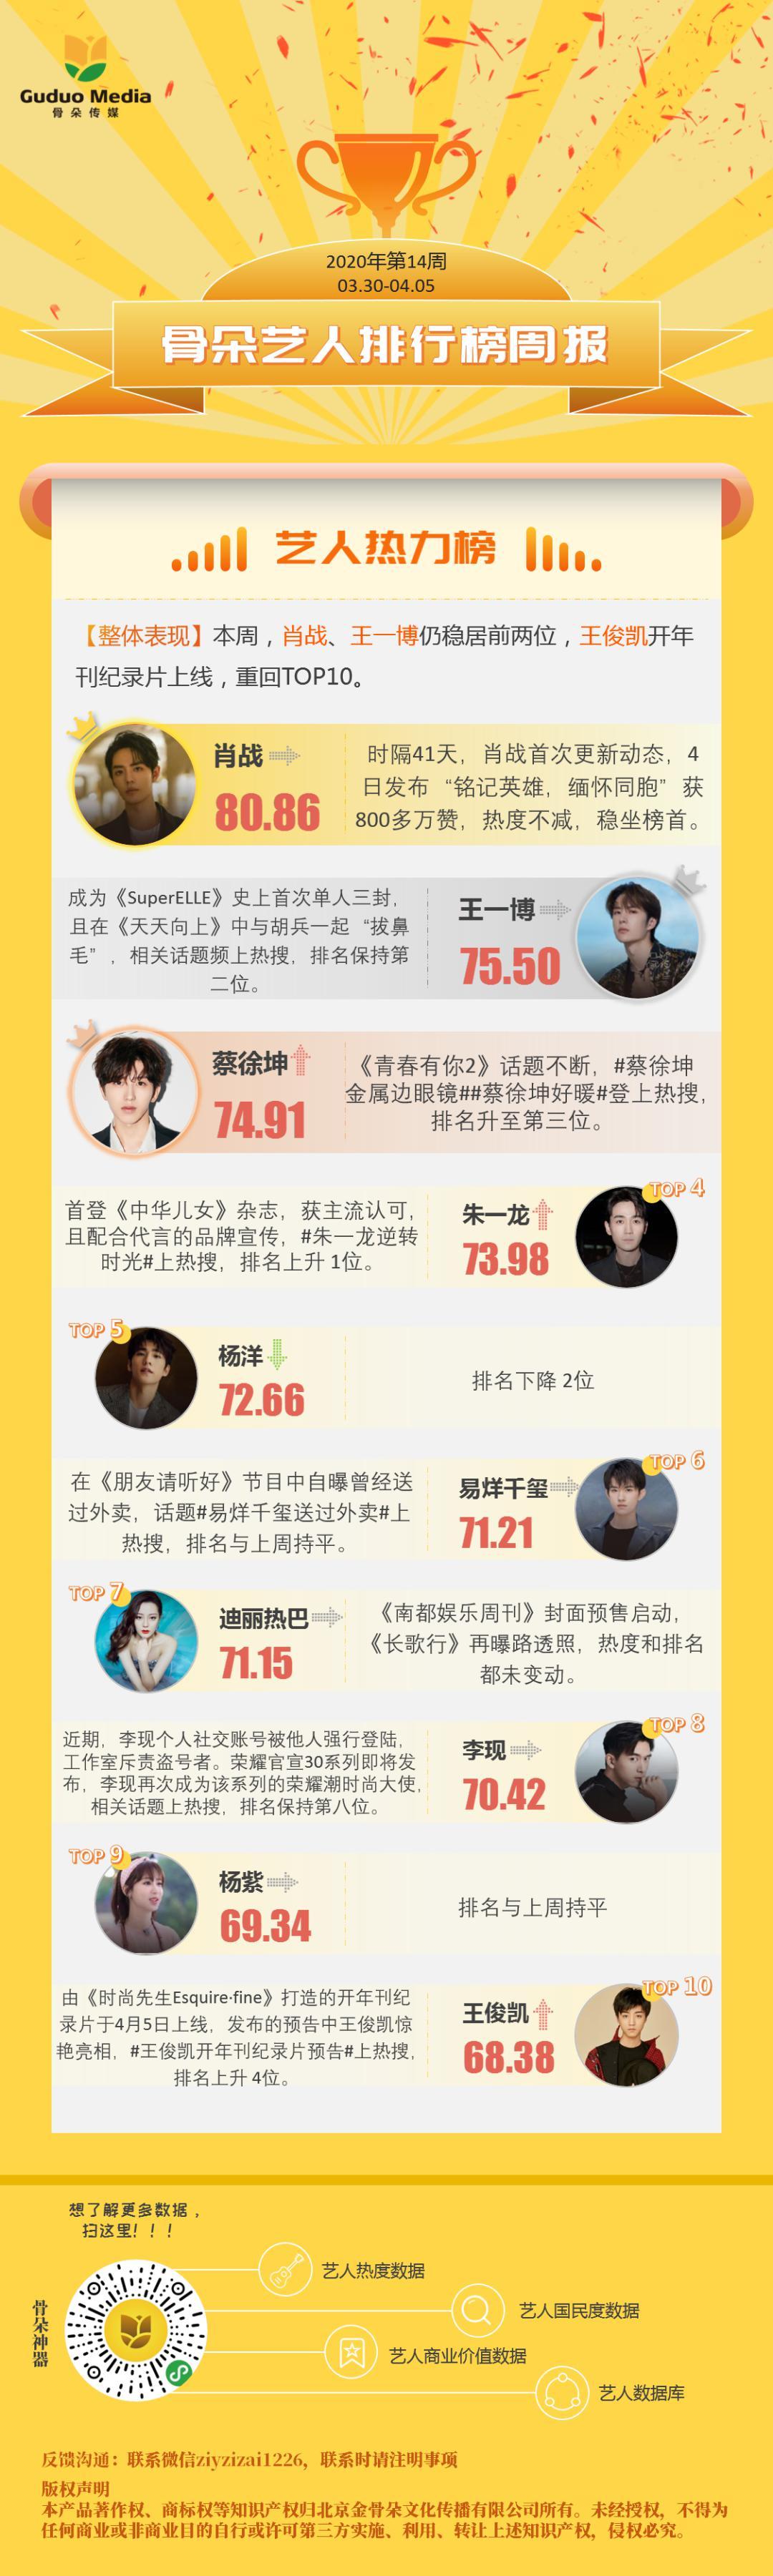 3.30-4.5艺人周榜|蔡徐坤热度看涨,黄晓明演技获赞,张新成持续霸榜_排名